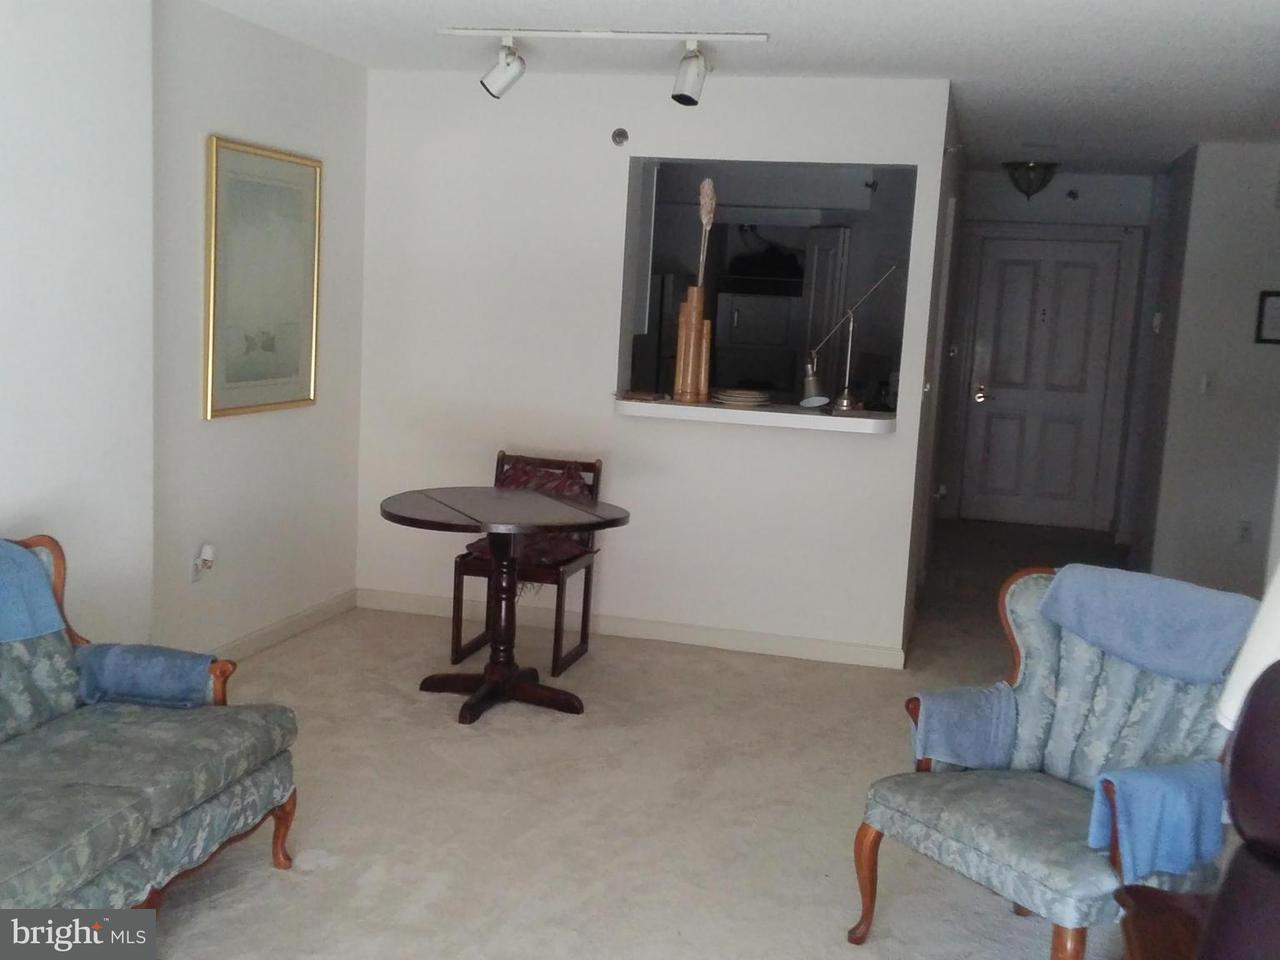 Additional photo for property listing at 601 PENNSYLVANIA AVE NW #207 601 PENNSYLVANIA AVE NW #207 Washington, Distrito De Columbia 20004 Estados Unidos